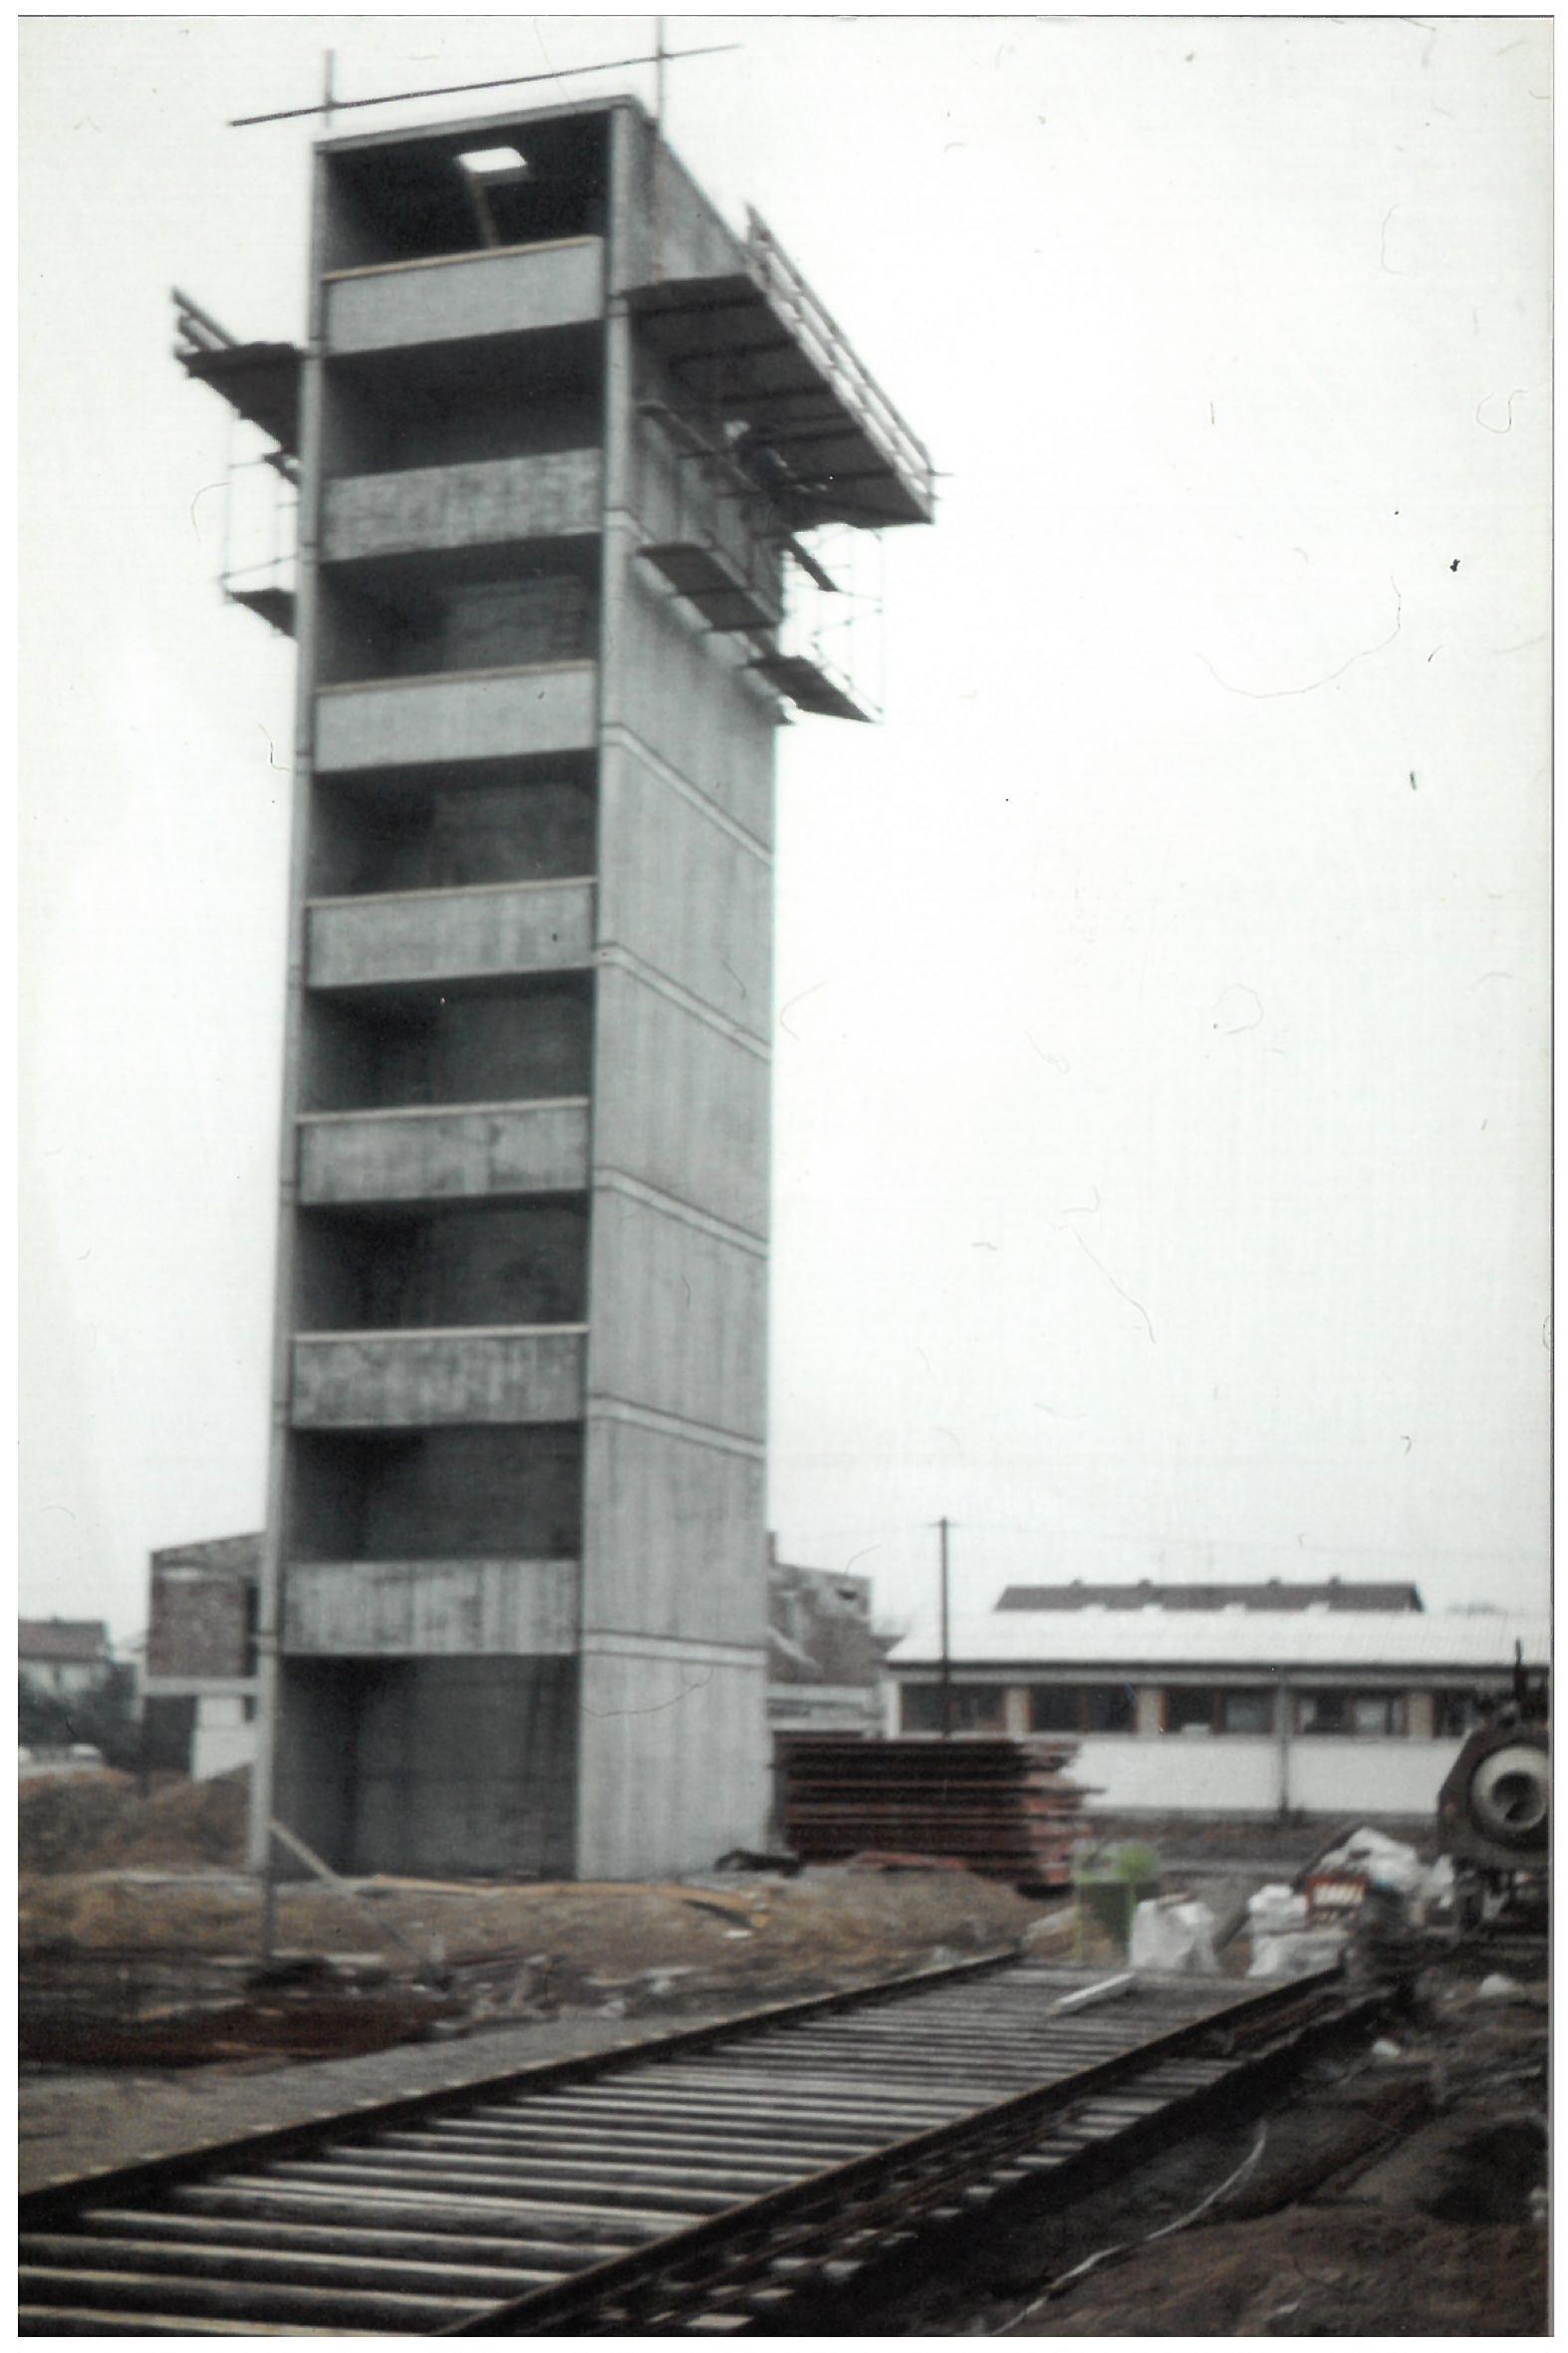 1973 Bau 06